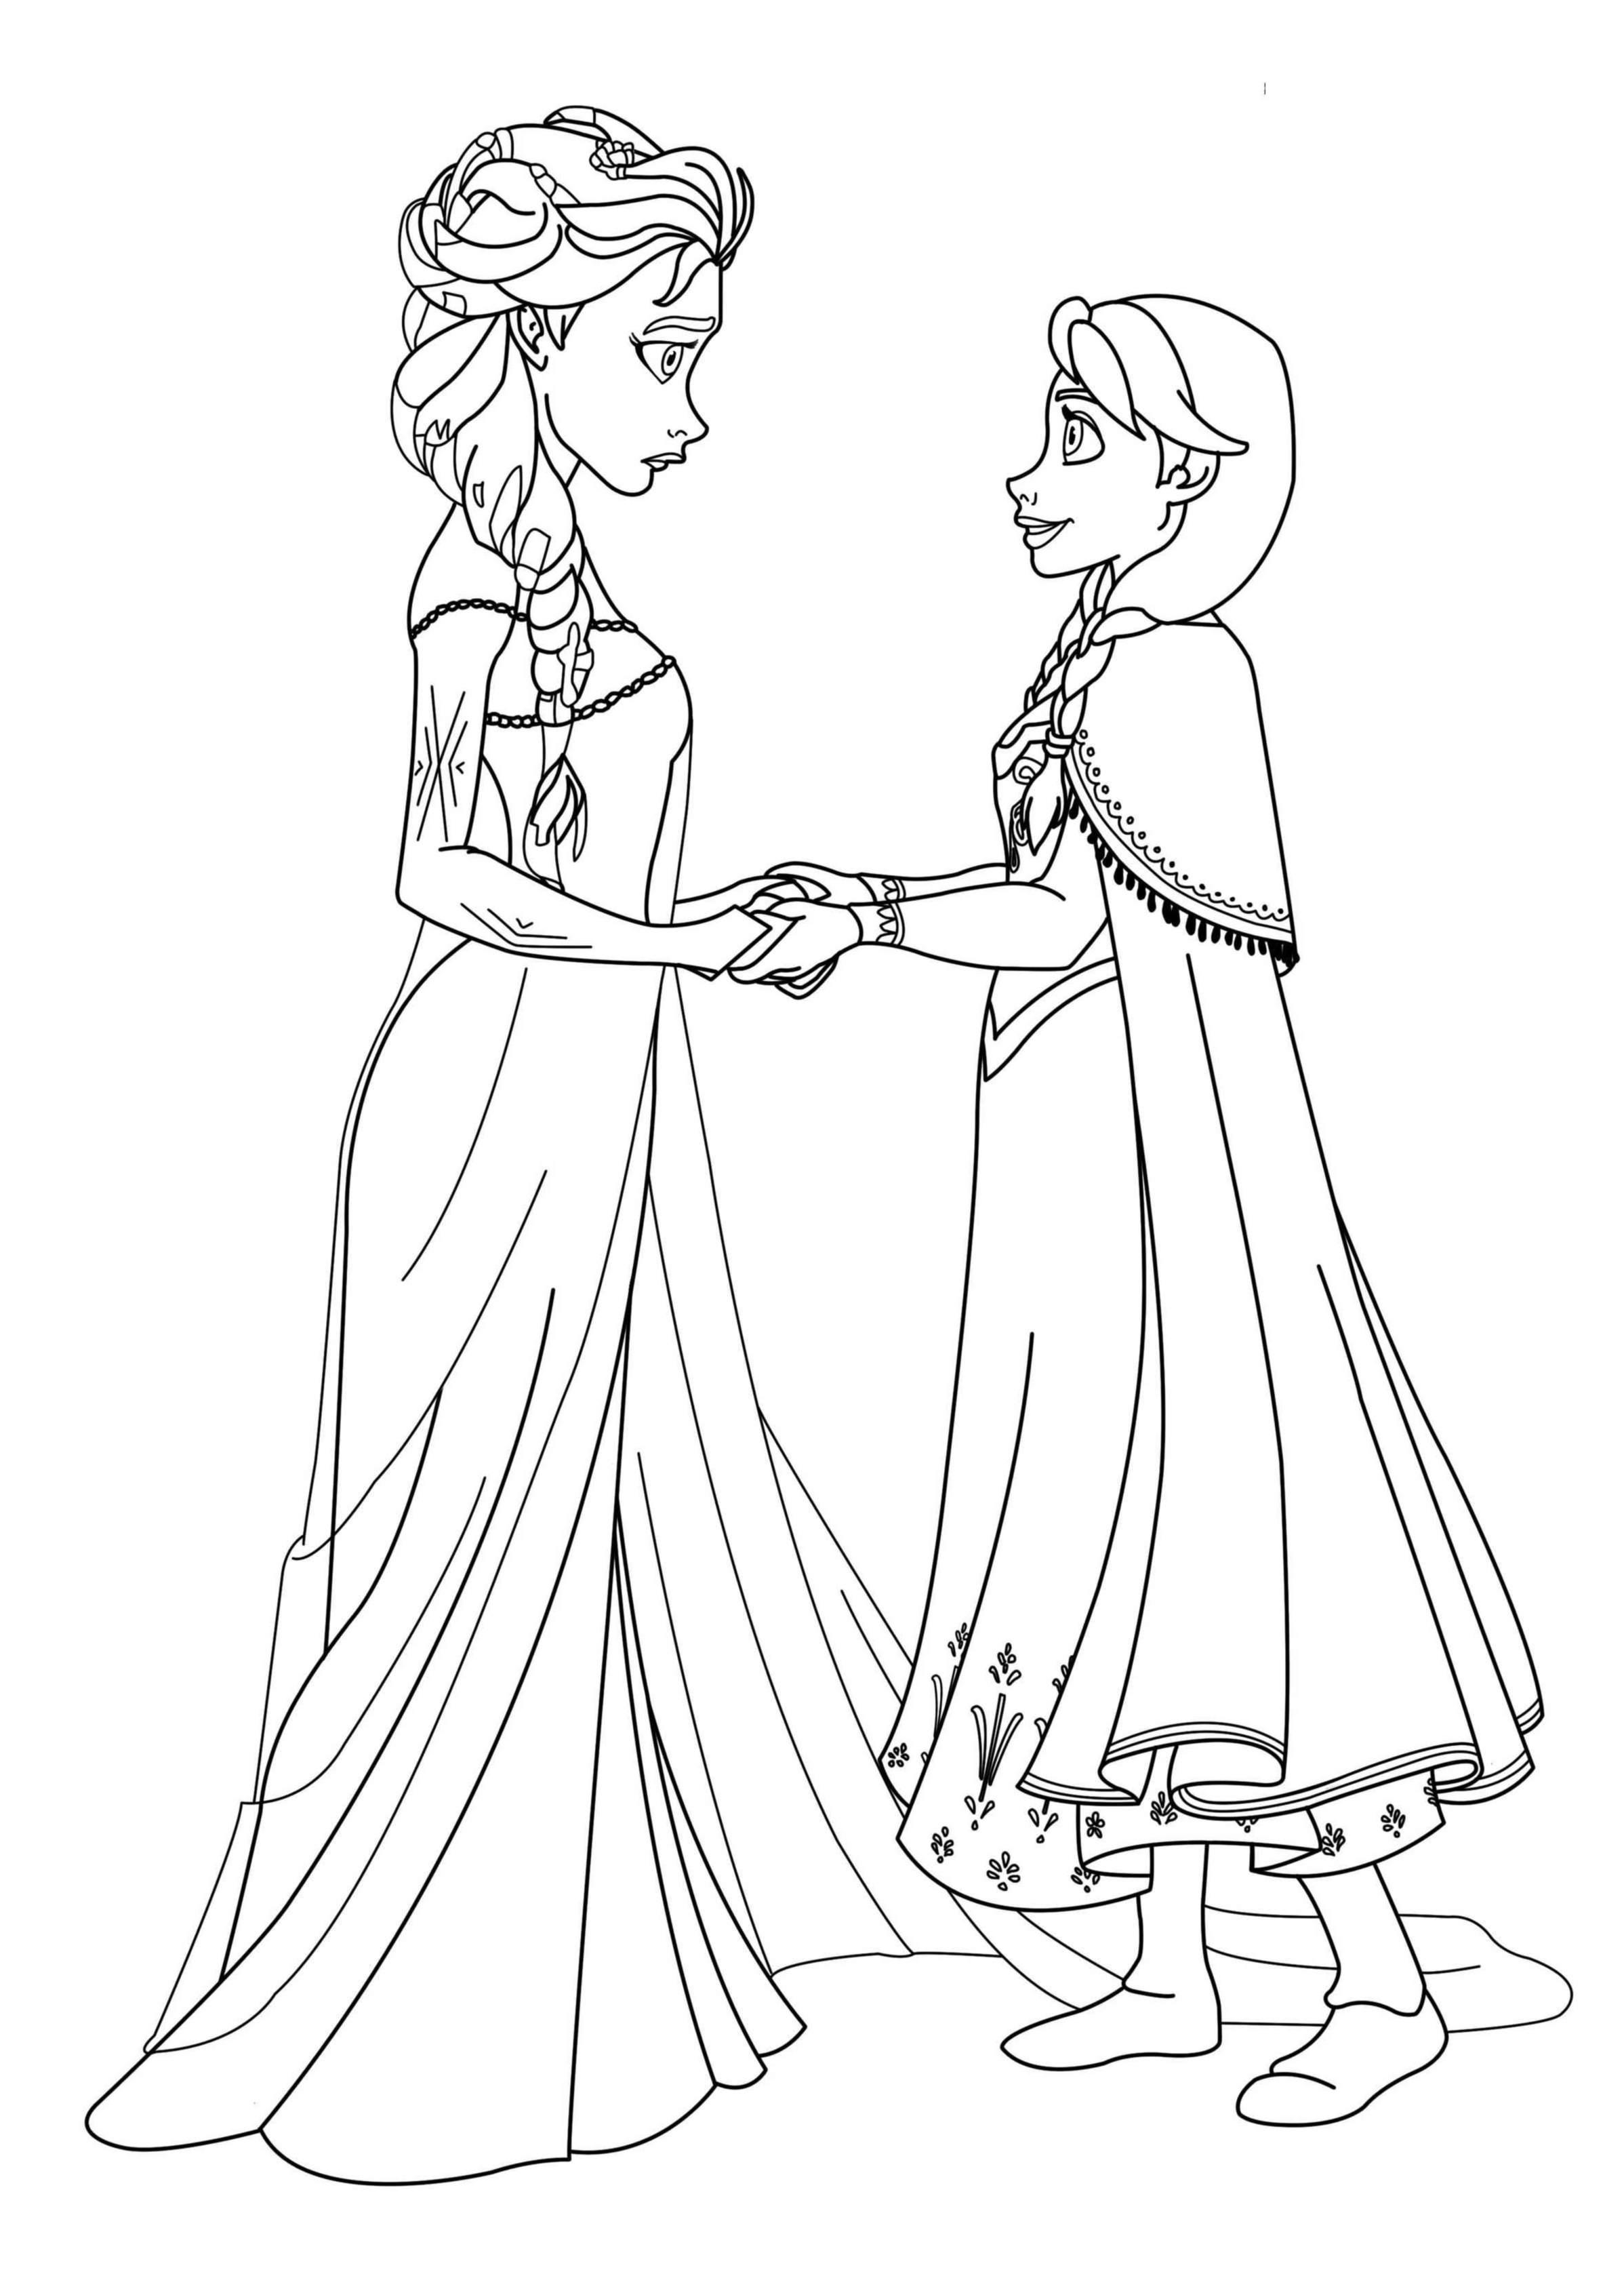 Dibujos de las princesas de frozen para pintar colorear - Dibujos para dibujar en la pared ...